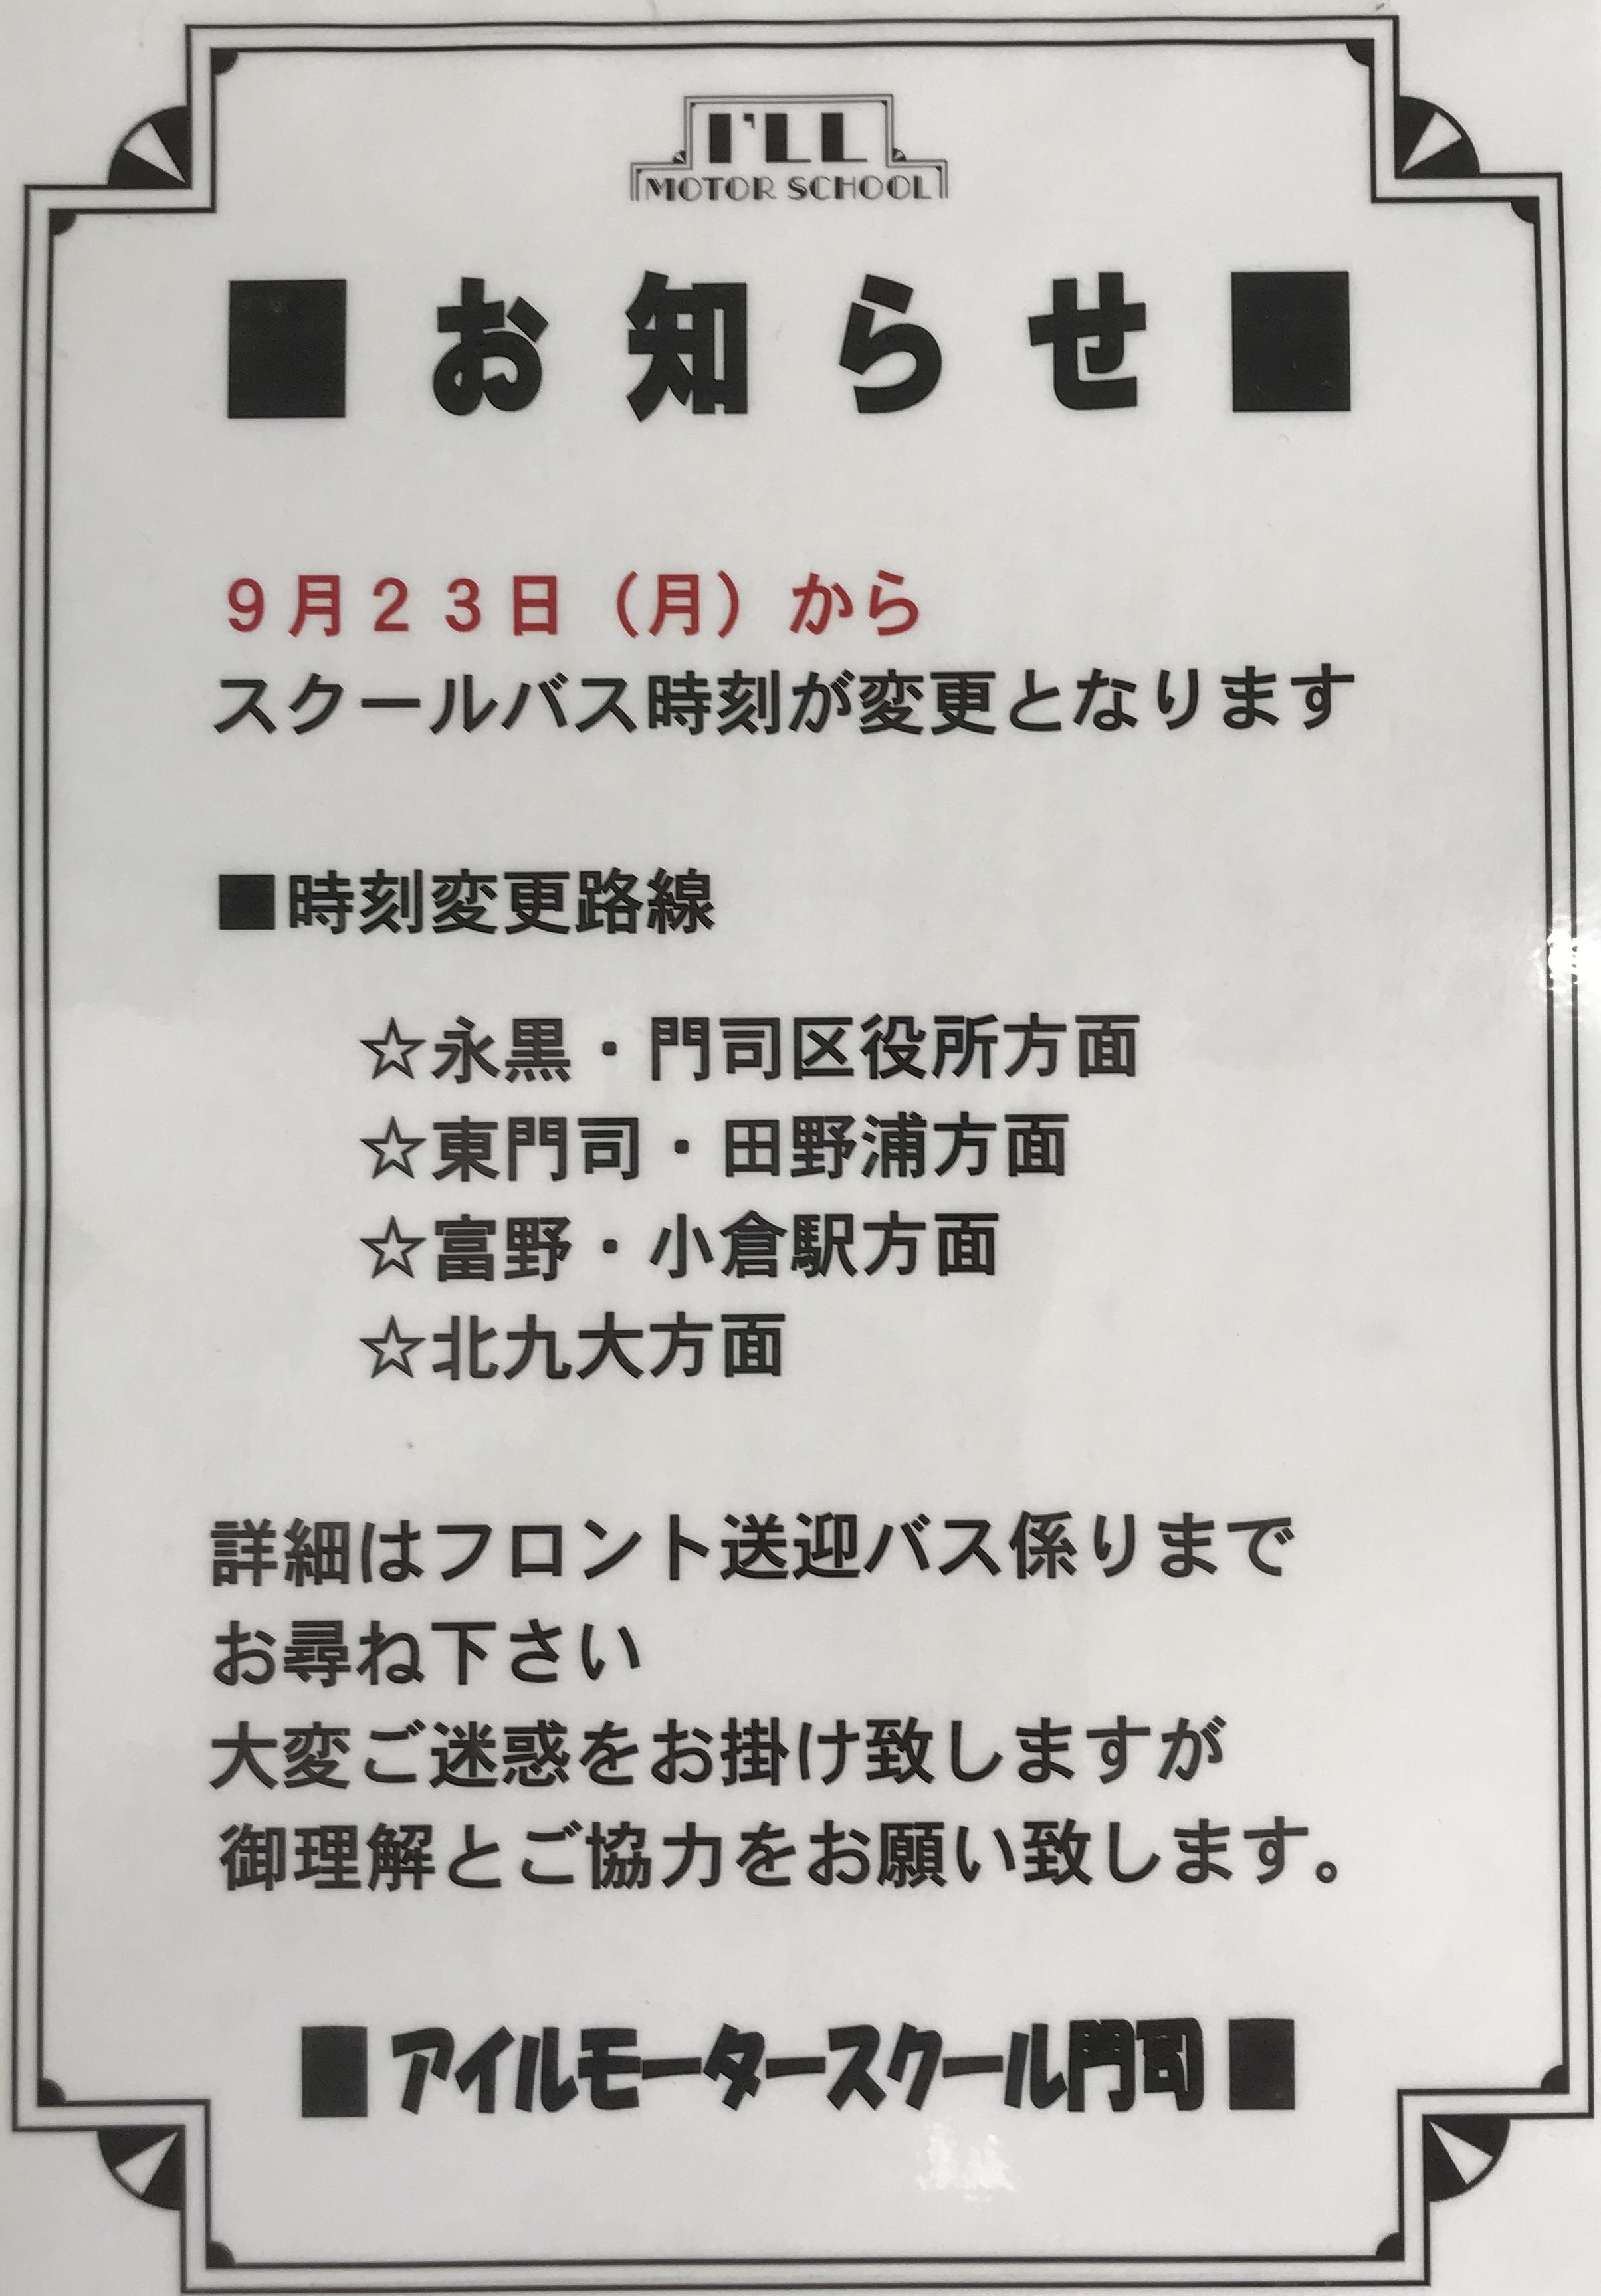 image920